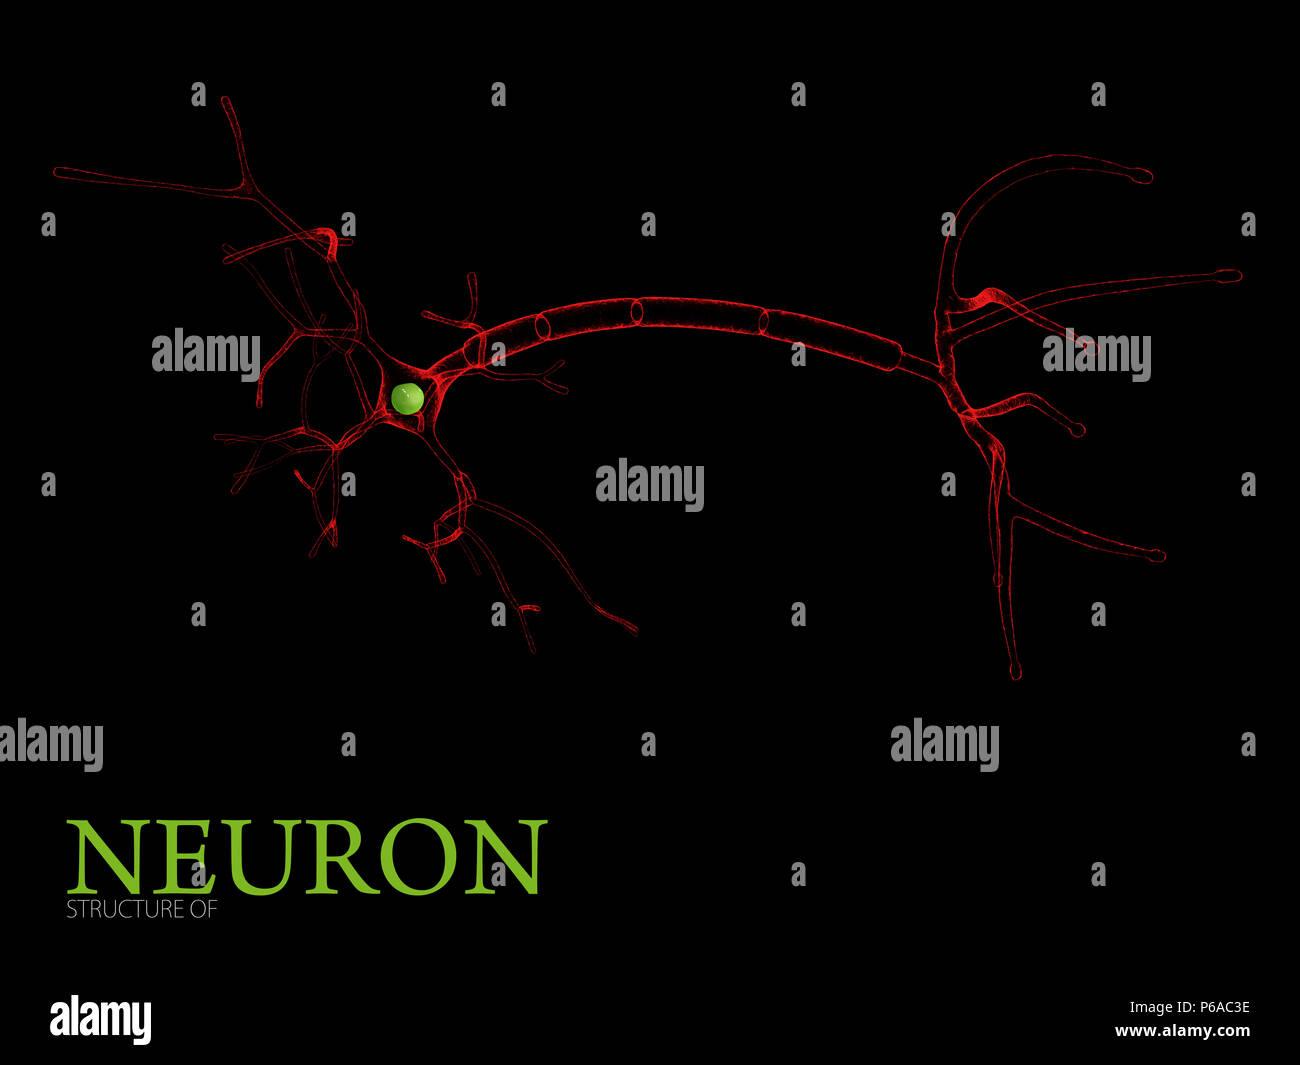 3d Illustration of Neuron anatomy, isolated black background - Stock Image